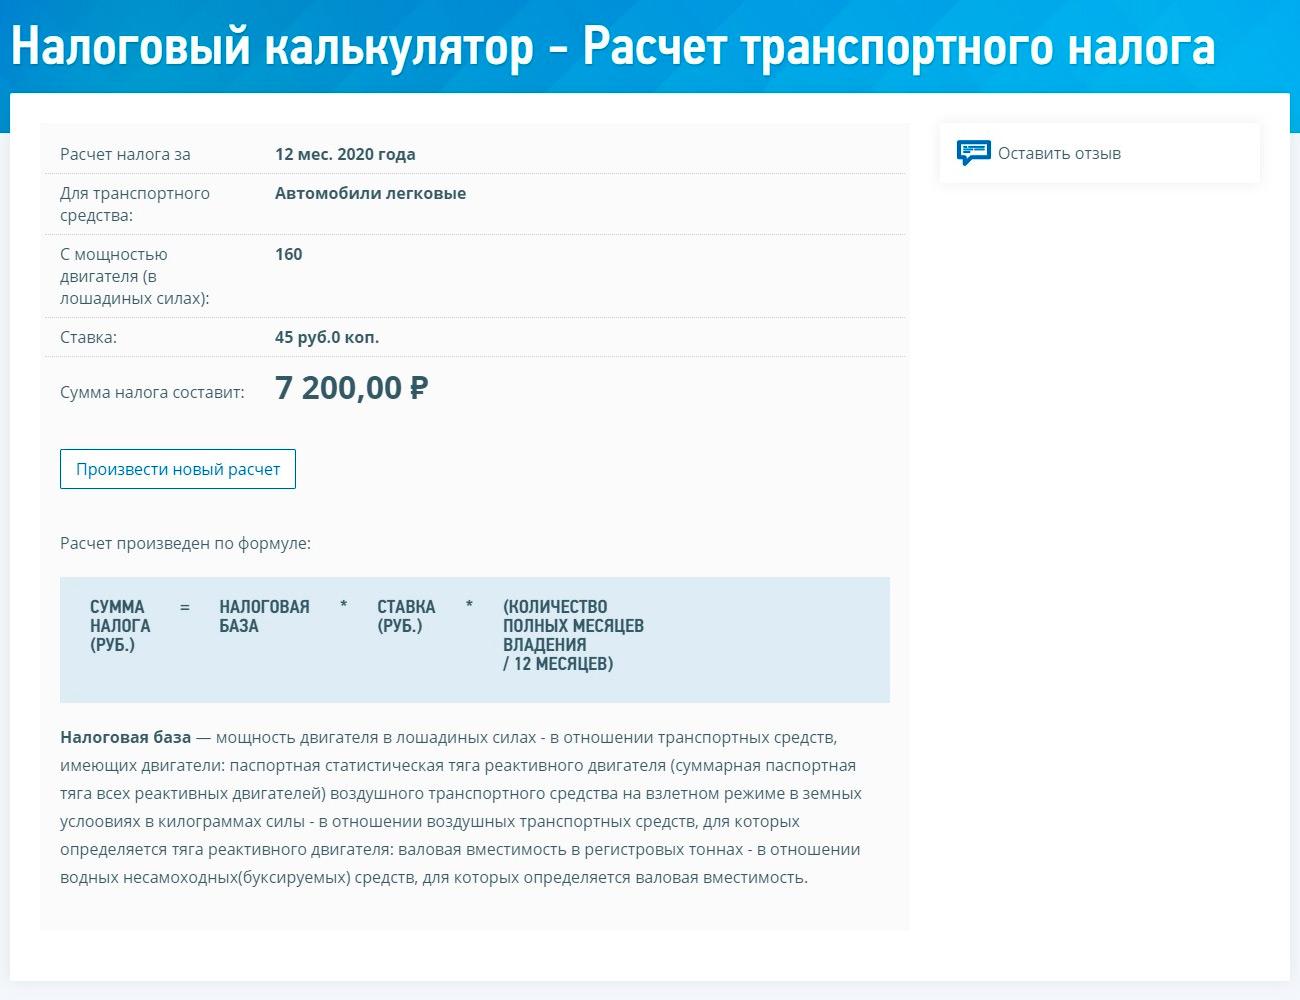 <p>Получаем расчет. В процессе калькулятор попросит отдельно указать данные об автомобиле, если он стоит более трех млн рублей.</p>